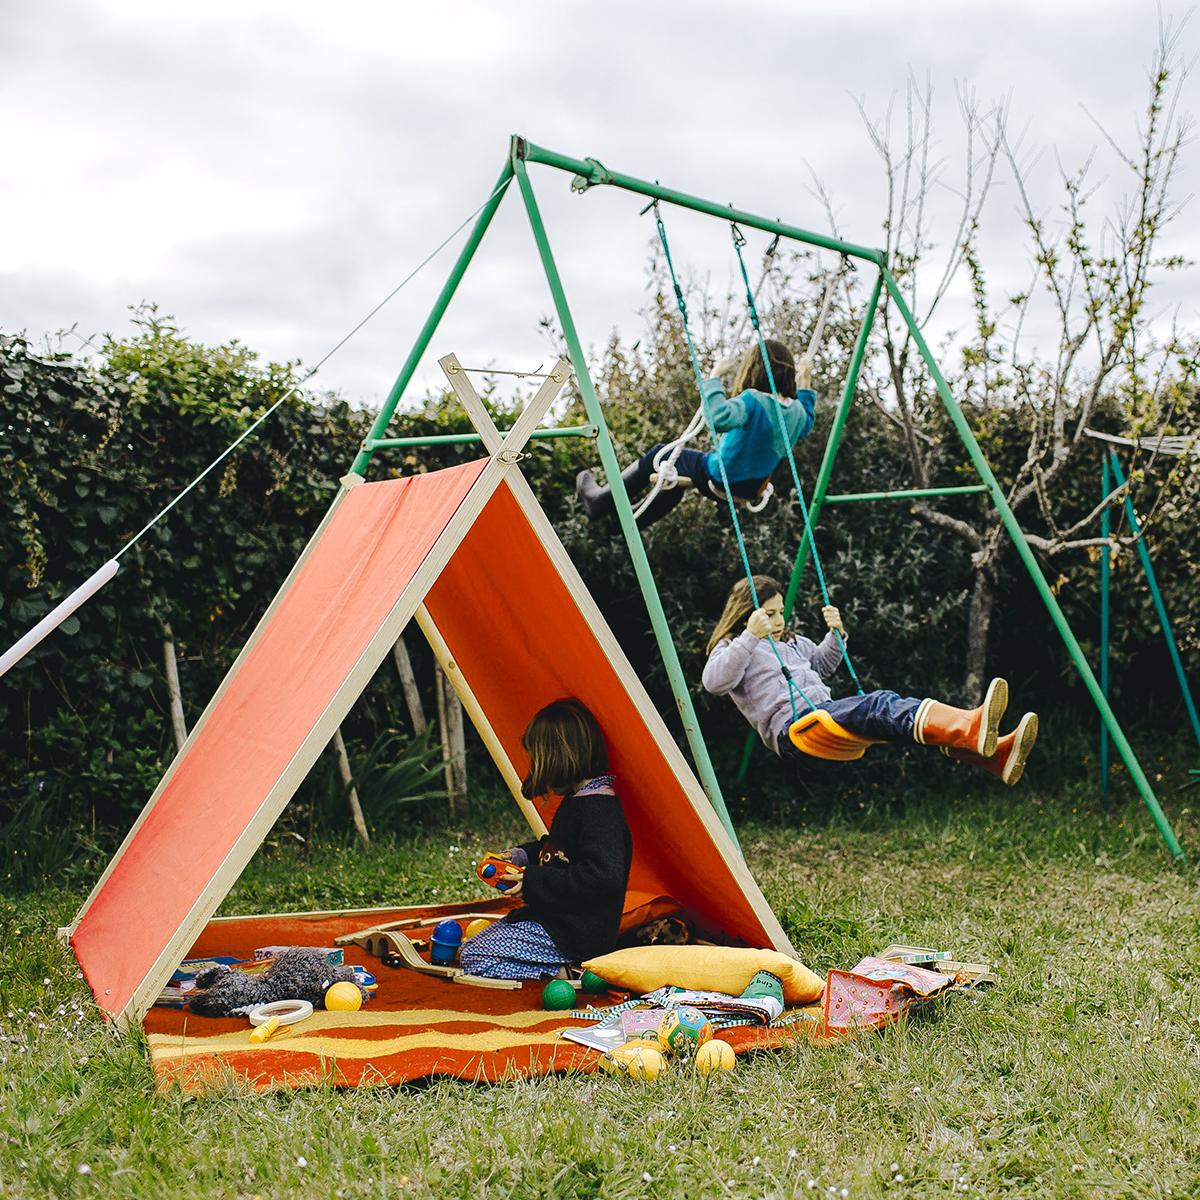 ユニークな形の、色鮮やかな帆布製テント。二方向が開いているつくりだから、通り抜けていく風が、実に気持ちいい「帆布テント」|LA TENTE ISLAISE(ラ・タント・イレーズ)